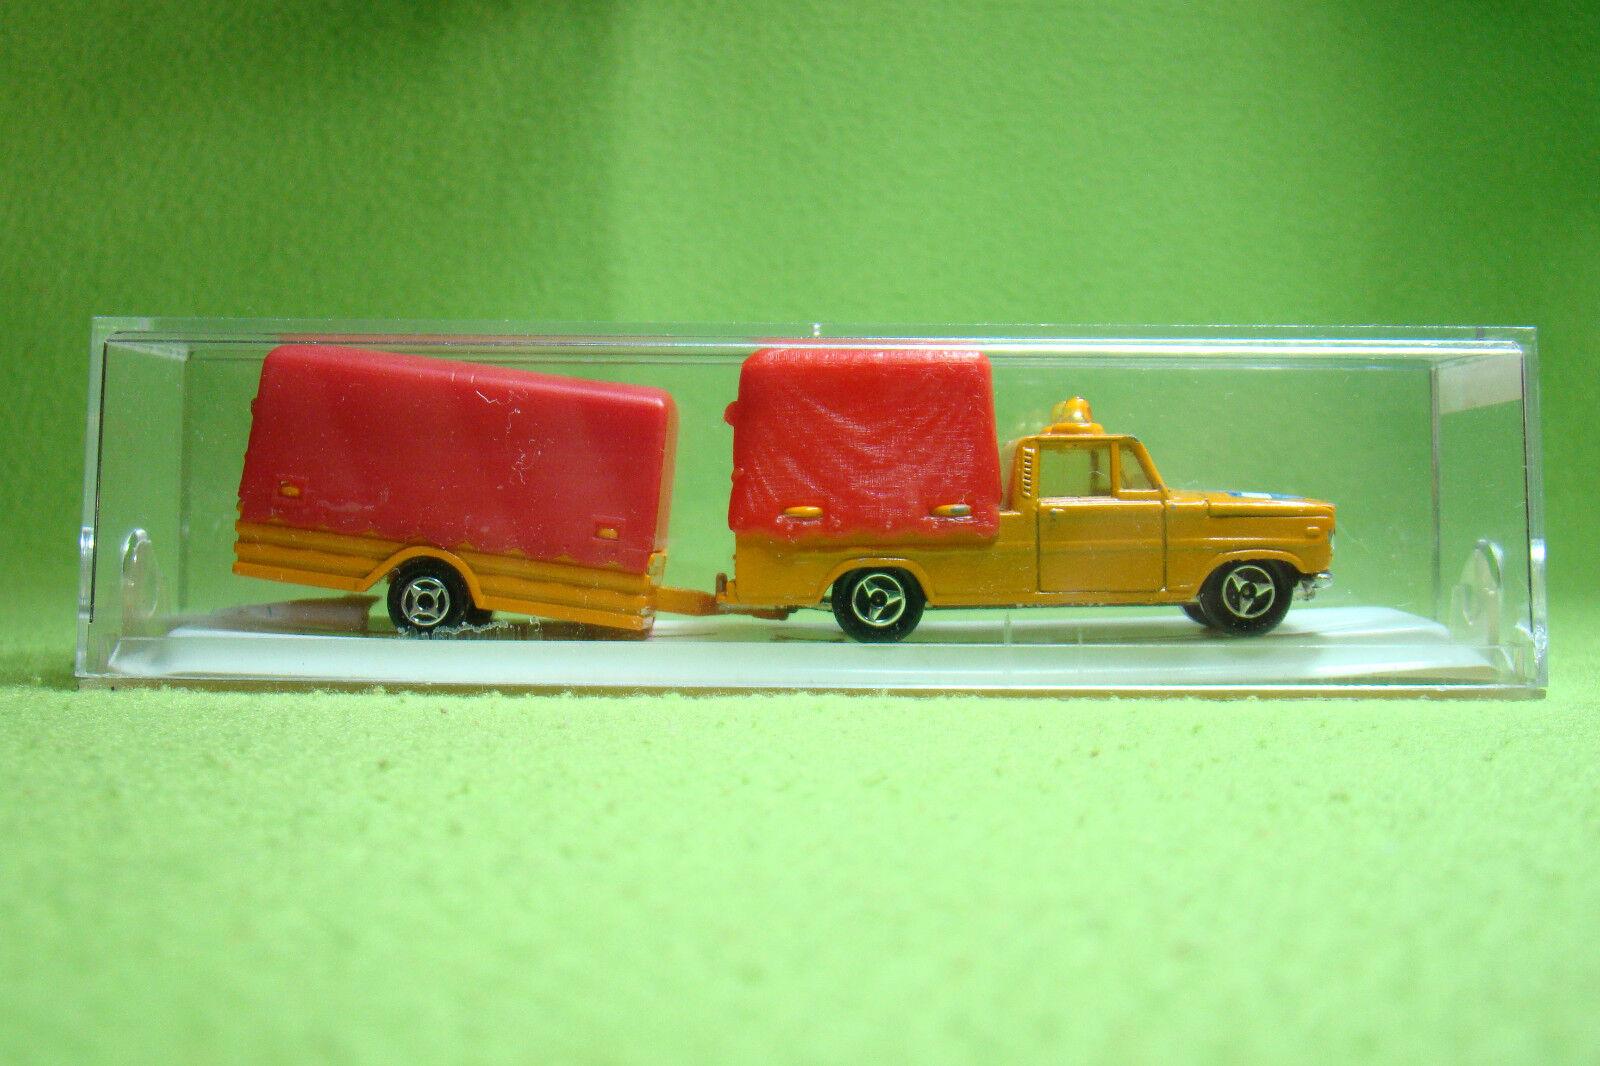 Voiture miniature-Majorette  374-voitures particulières à planennhänger-OVP  remise